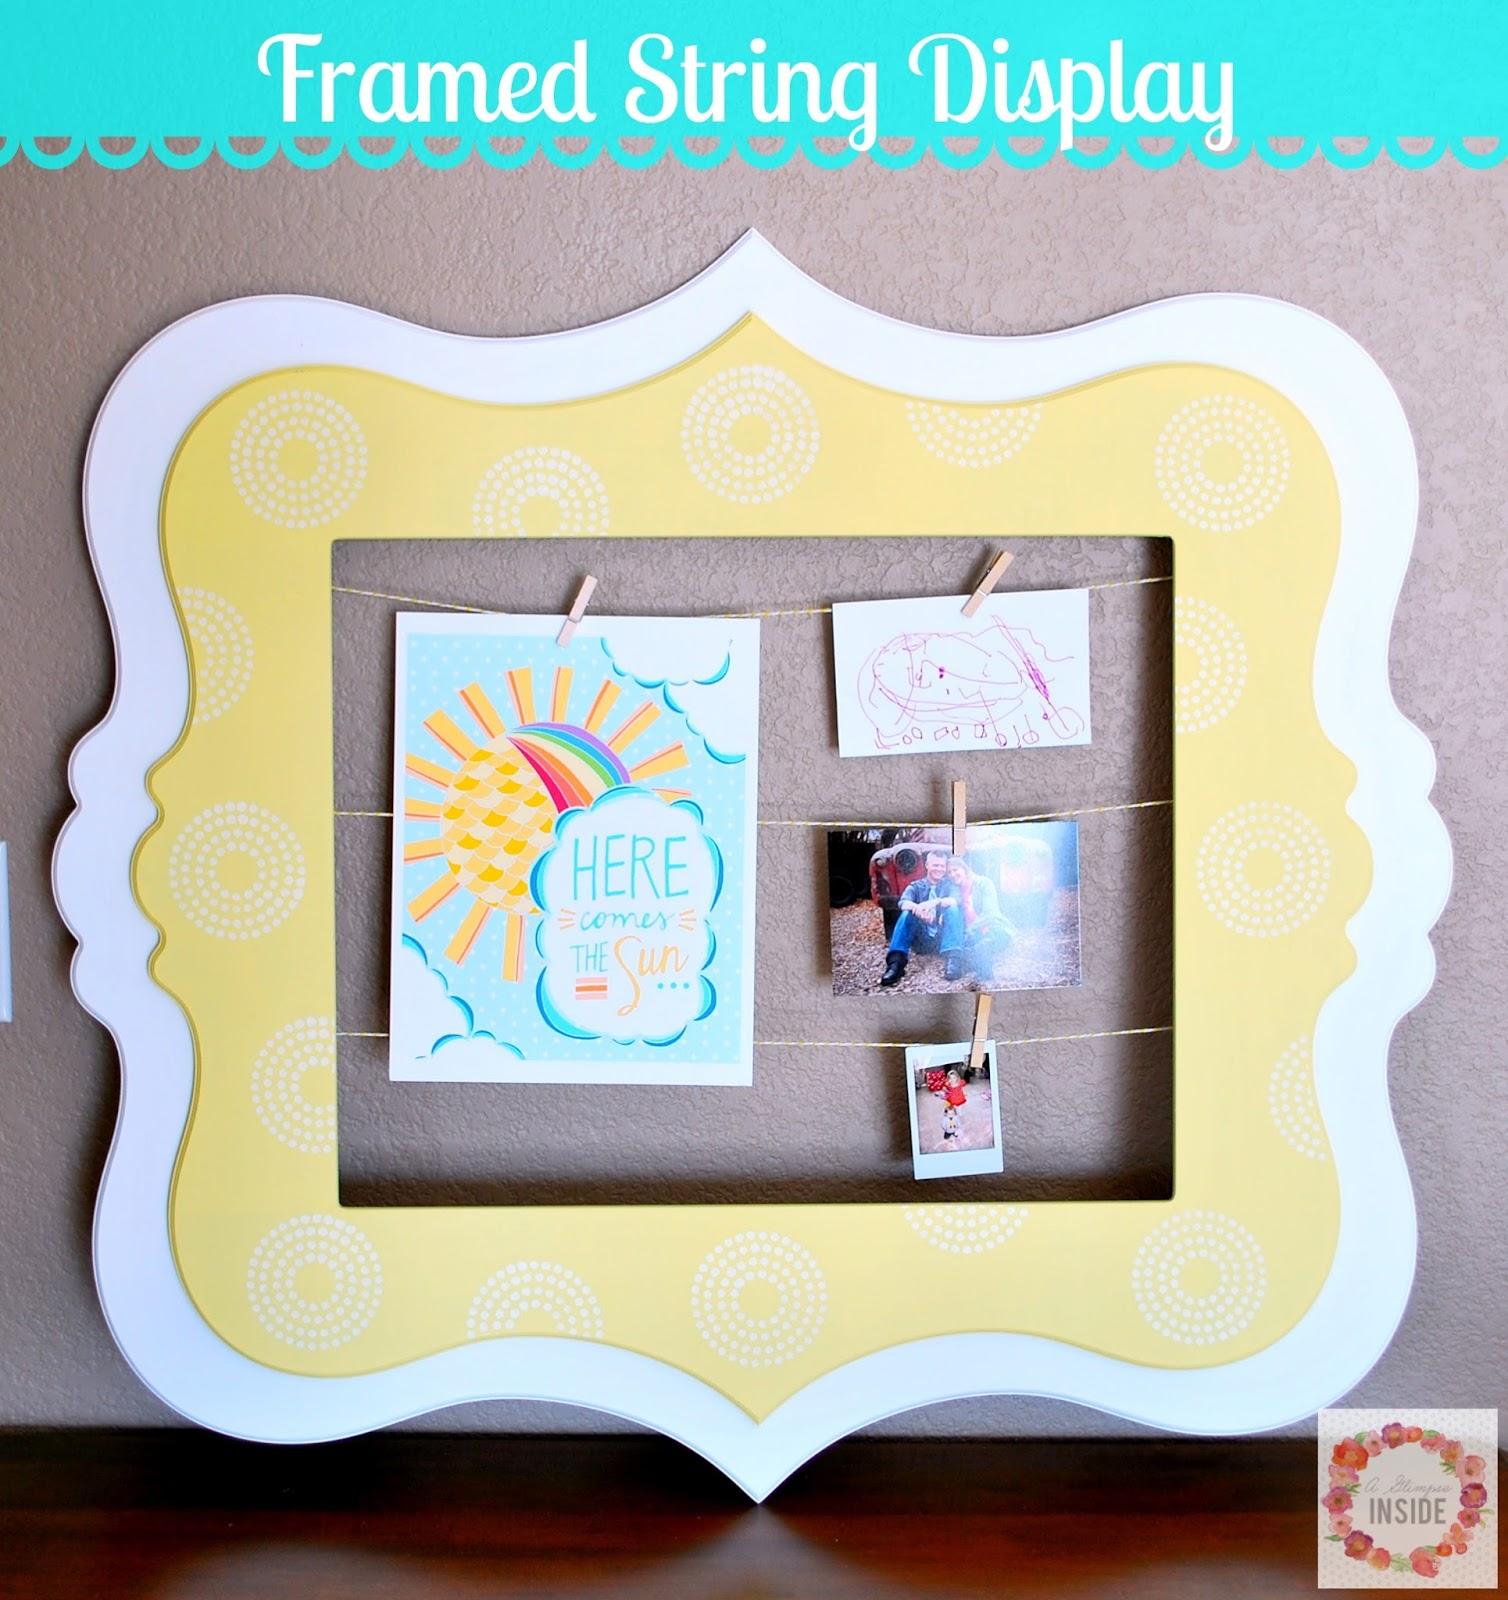 Framed String Display   A Glimpse Inside